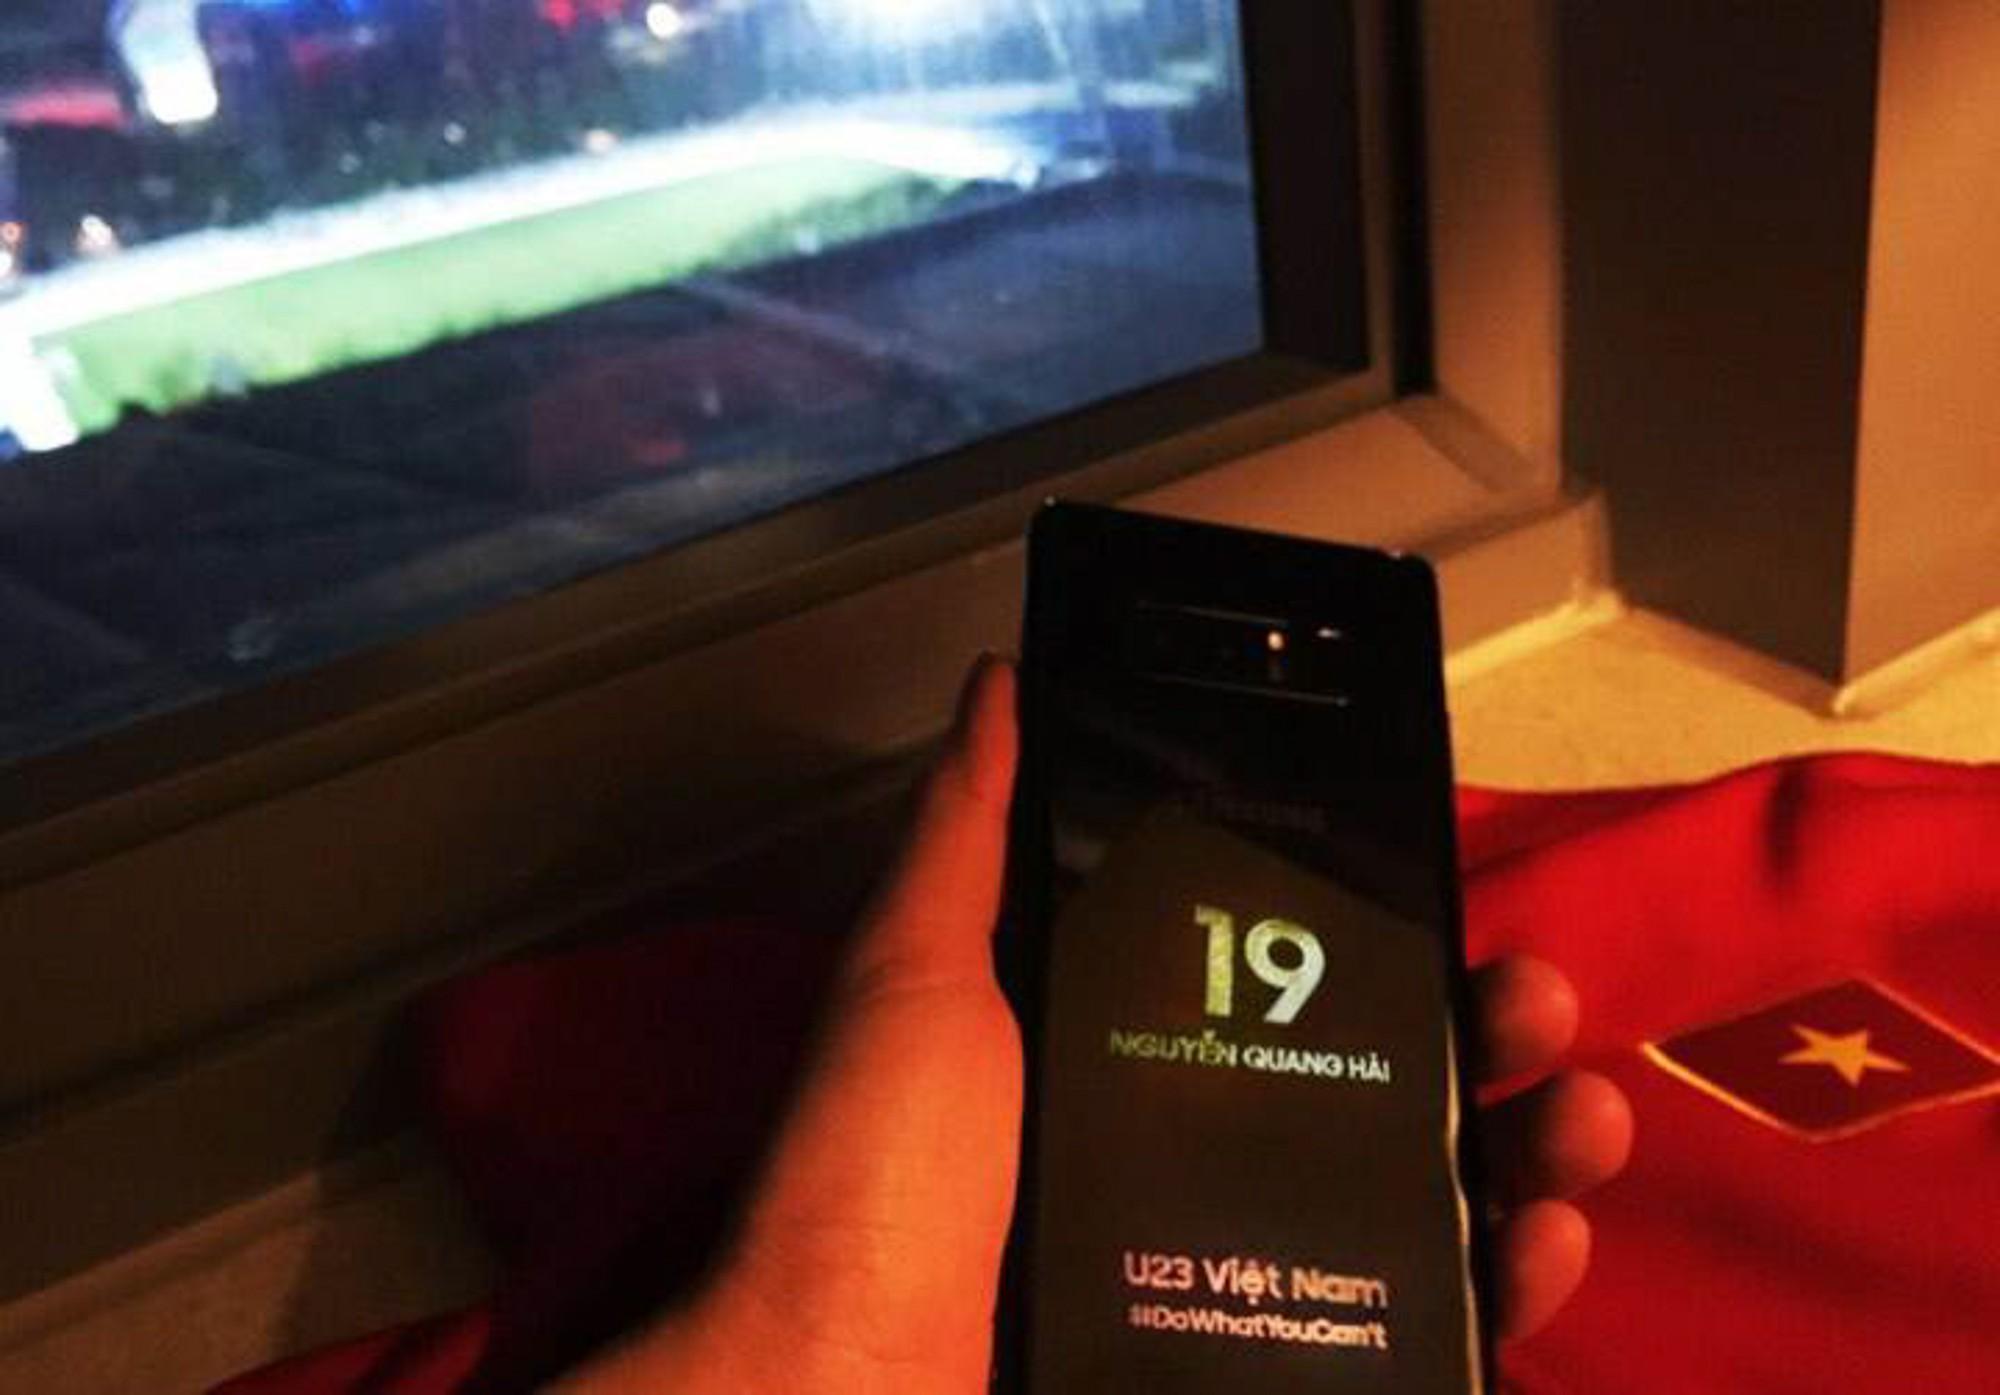 Samsung tặng mỗi cầu thủ U23 Việt Nam một điện thoại Galaxy Note 8 phiên bản hàng thửa - Ảnh 3.